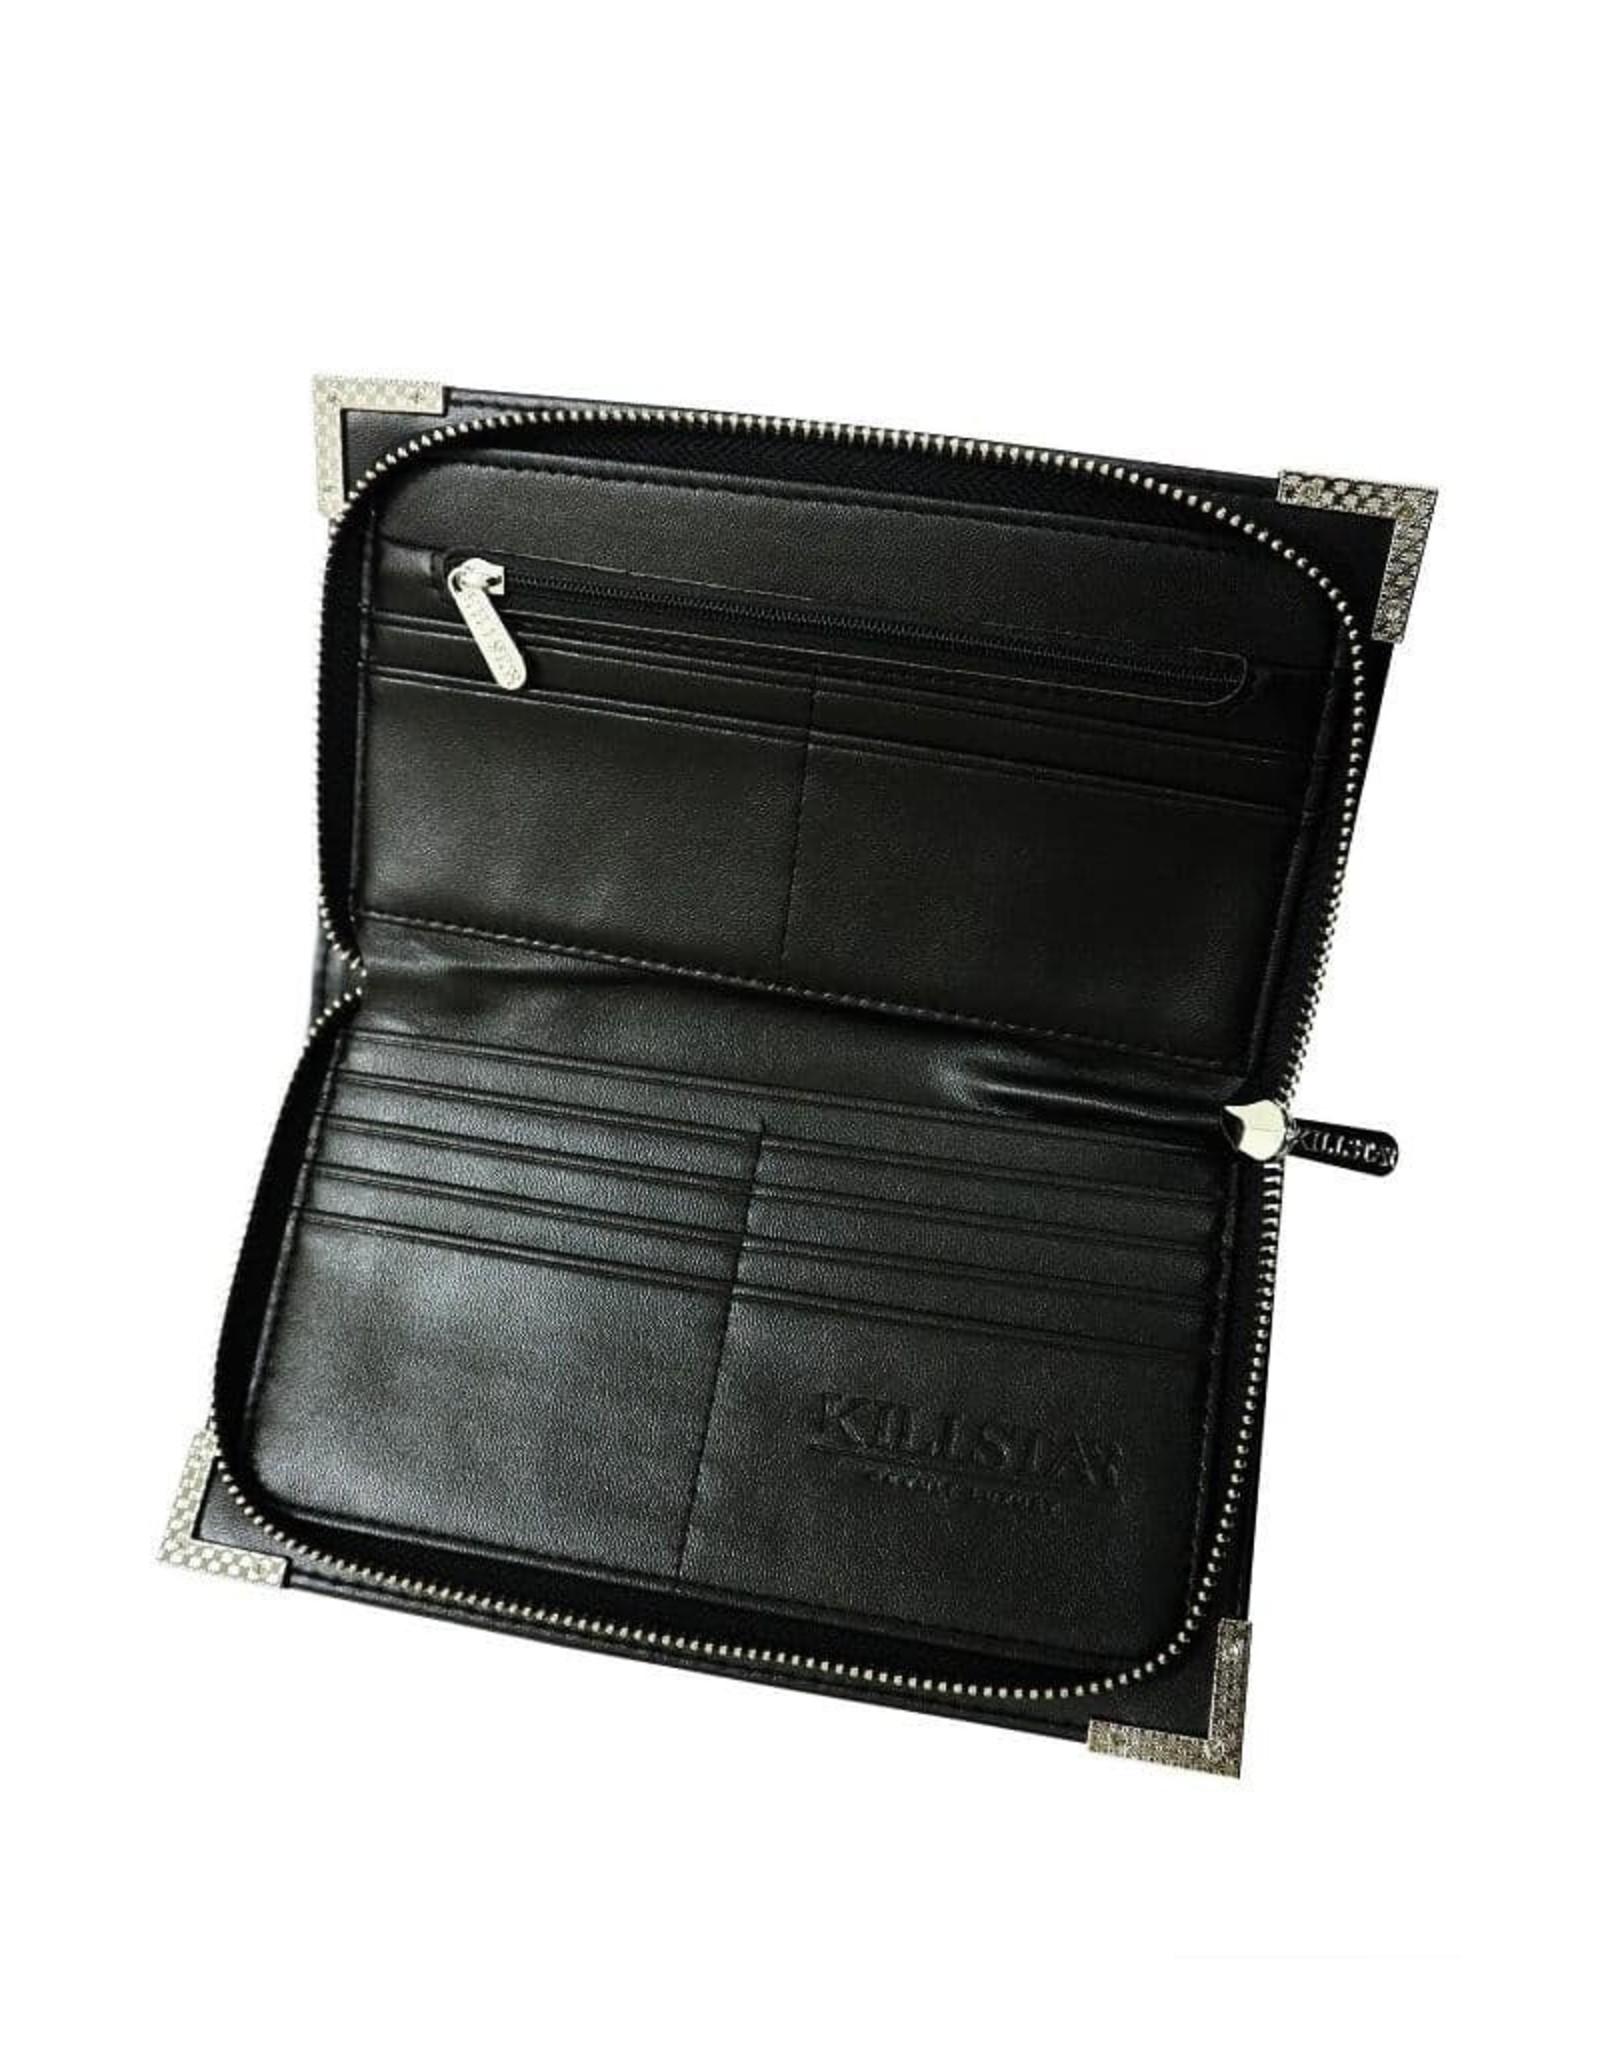 Killstar Gothic wallets and purses - Killstar purse People to Kill